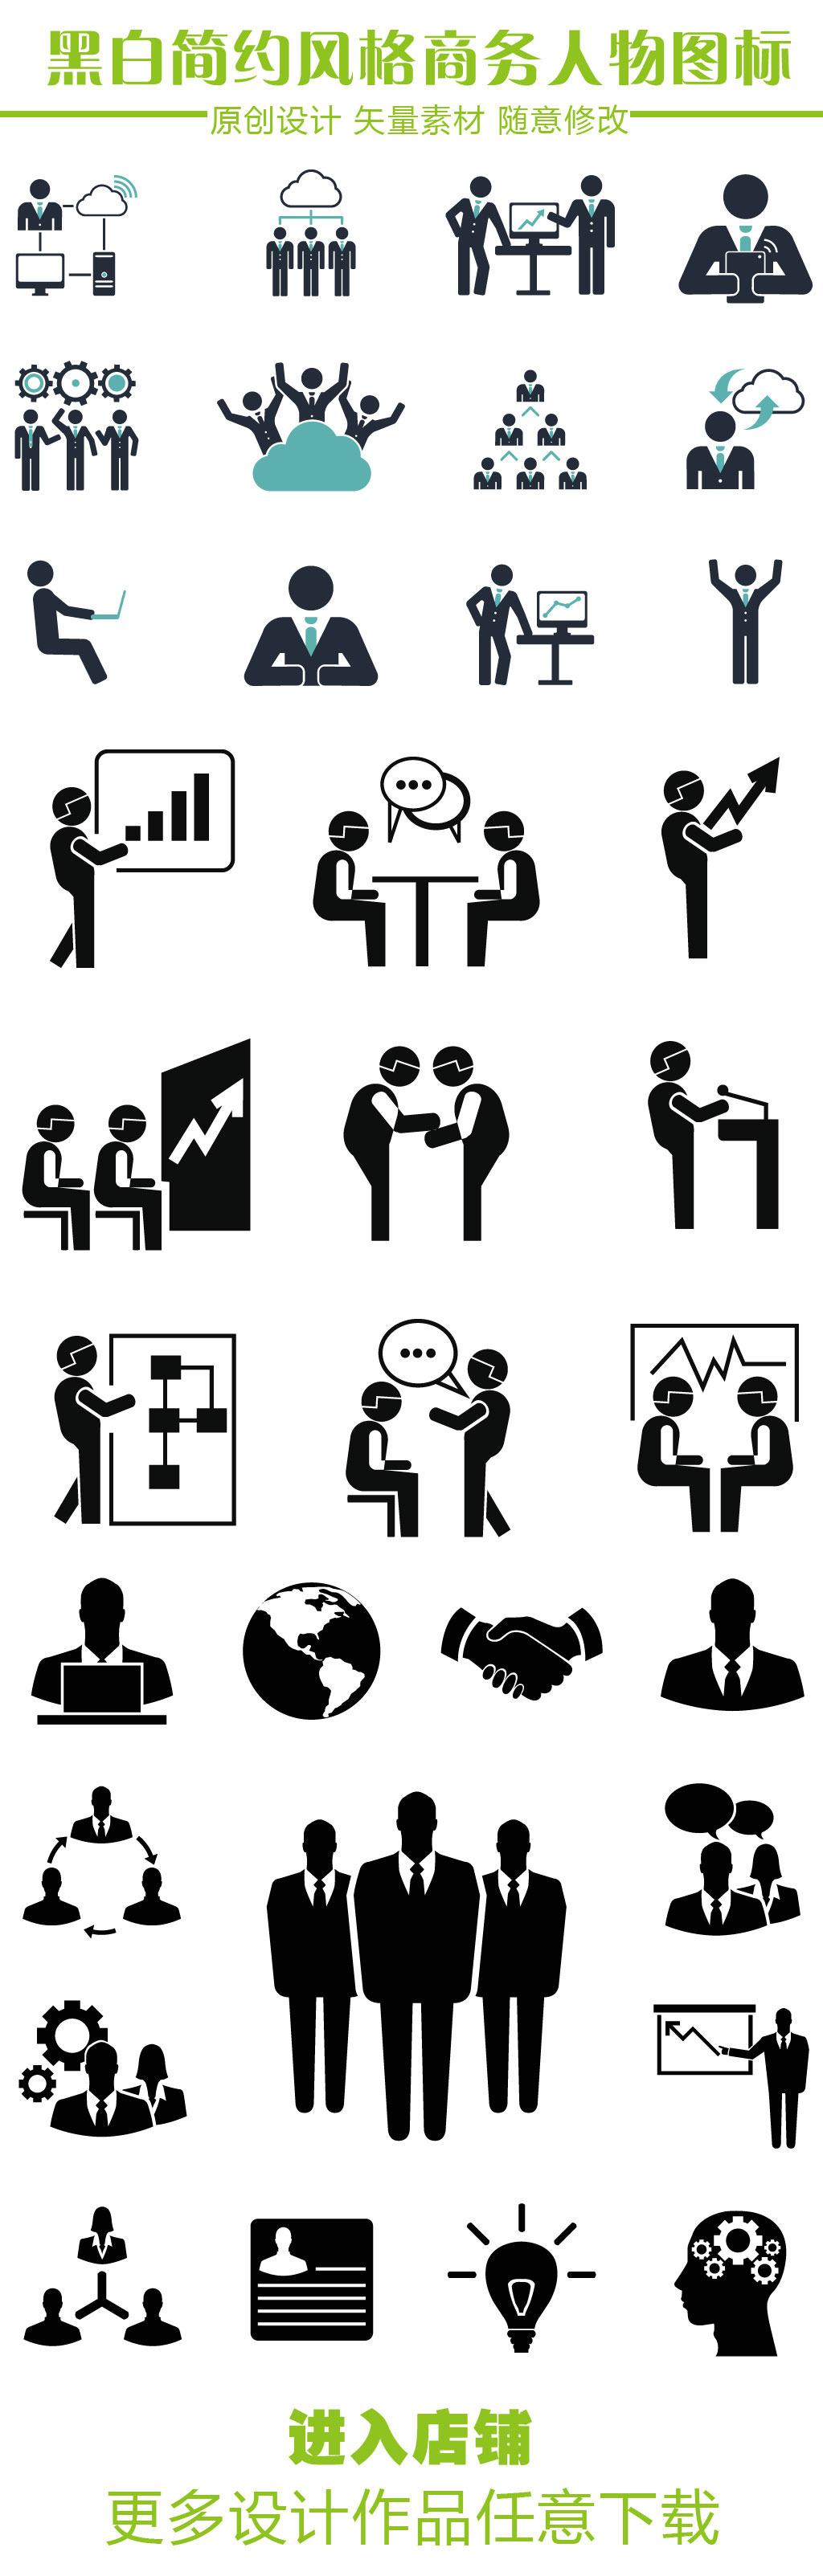 黑白简约风格商务人物图标